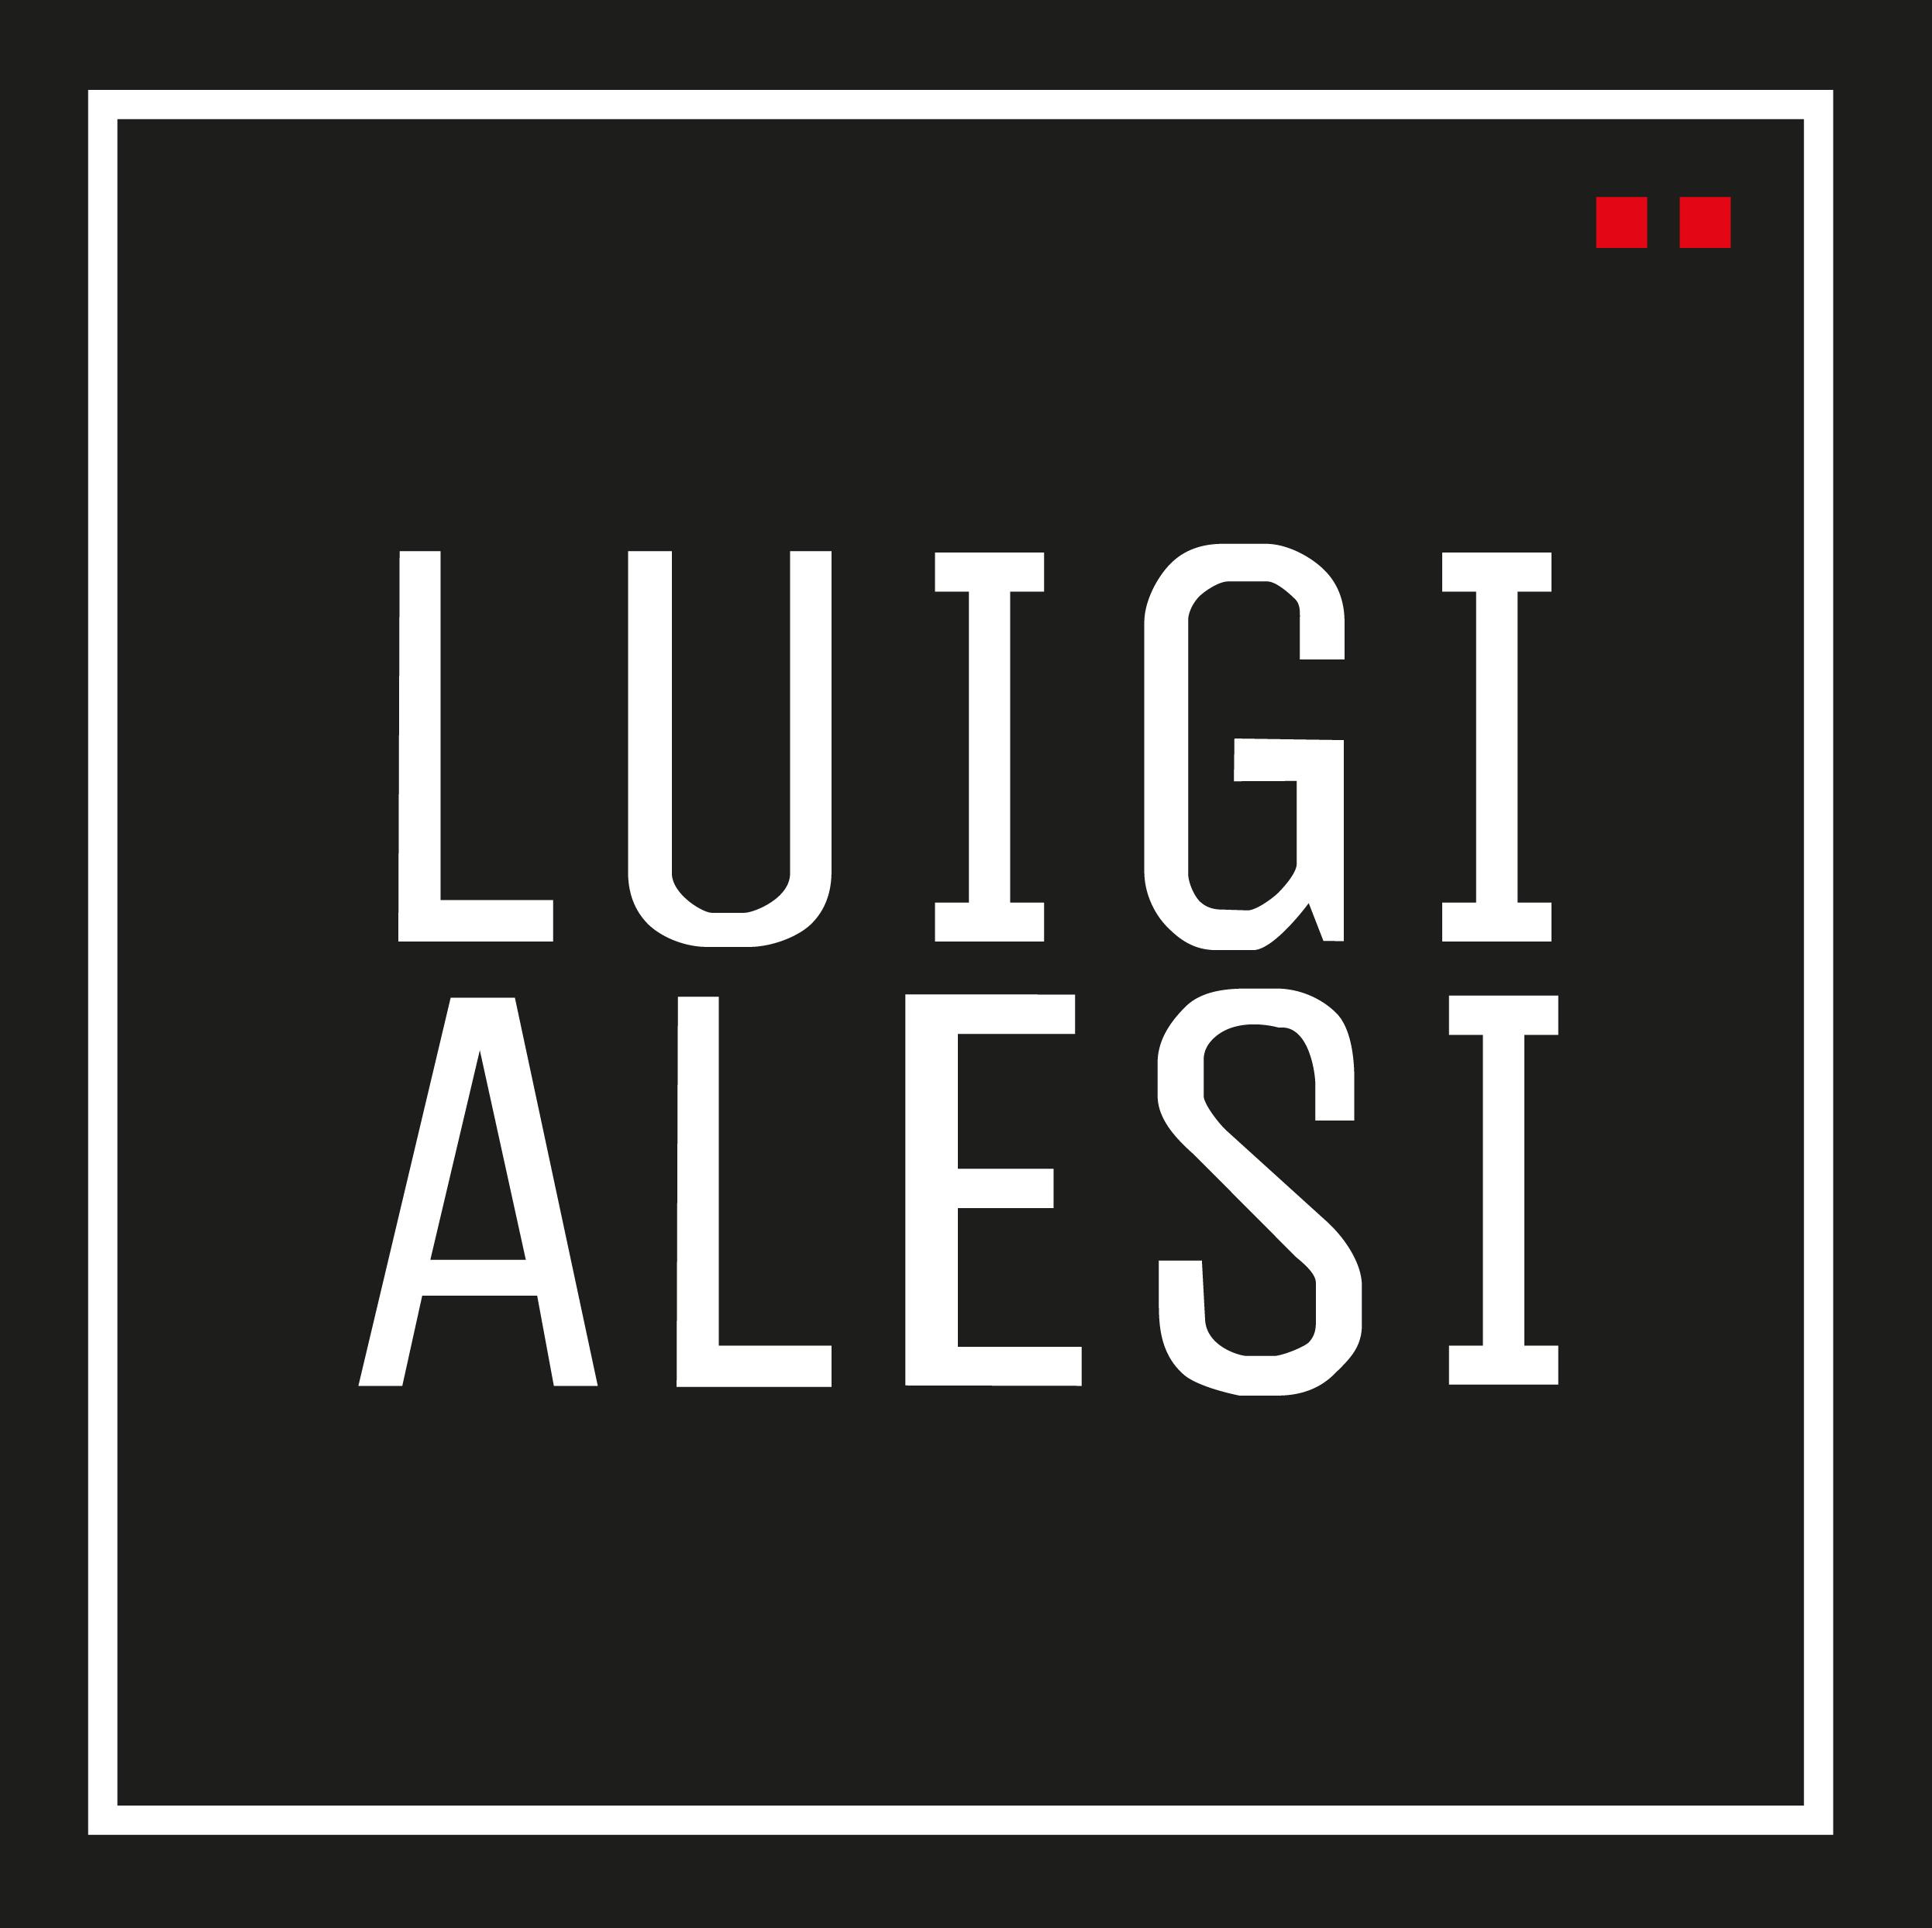 Luigi Alesi